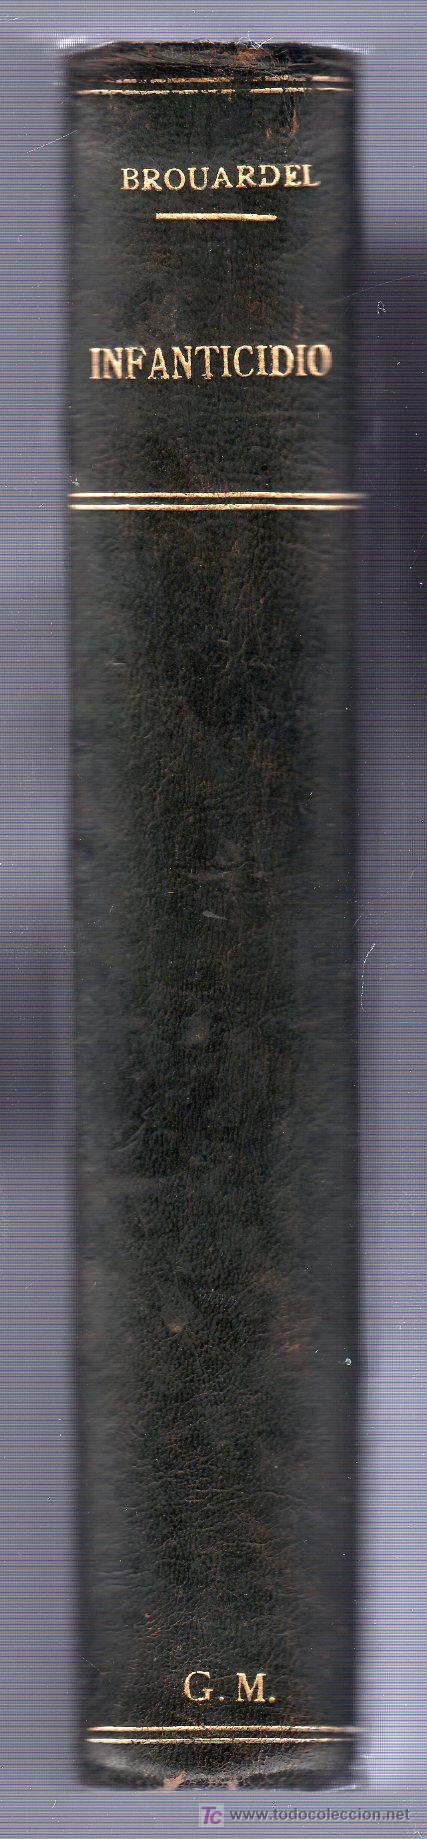 Libros antiguos: INFANTICIDIO POR P. BROUARDEL. LIBRAIRIE J.B. BAILLIERE ET FILS. PARIS 1897 - Foto 2 - 18794278